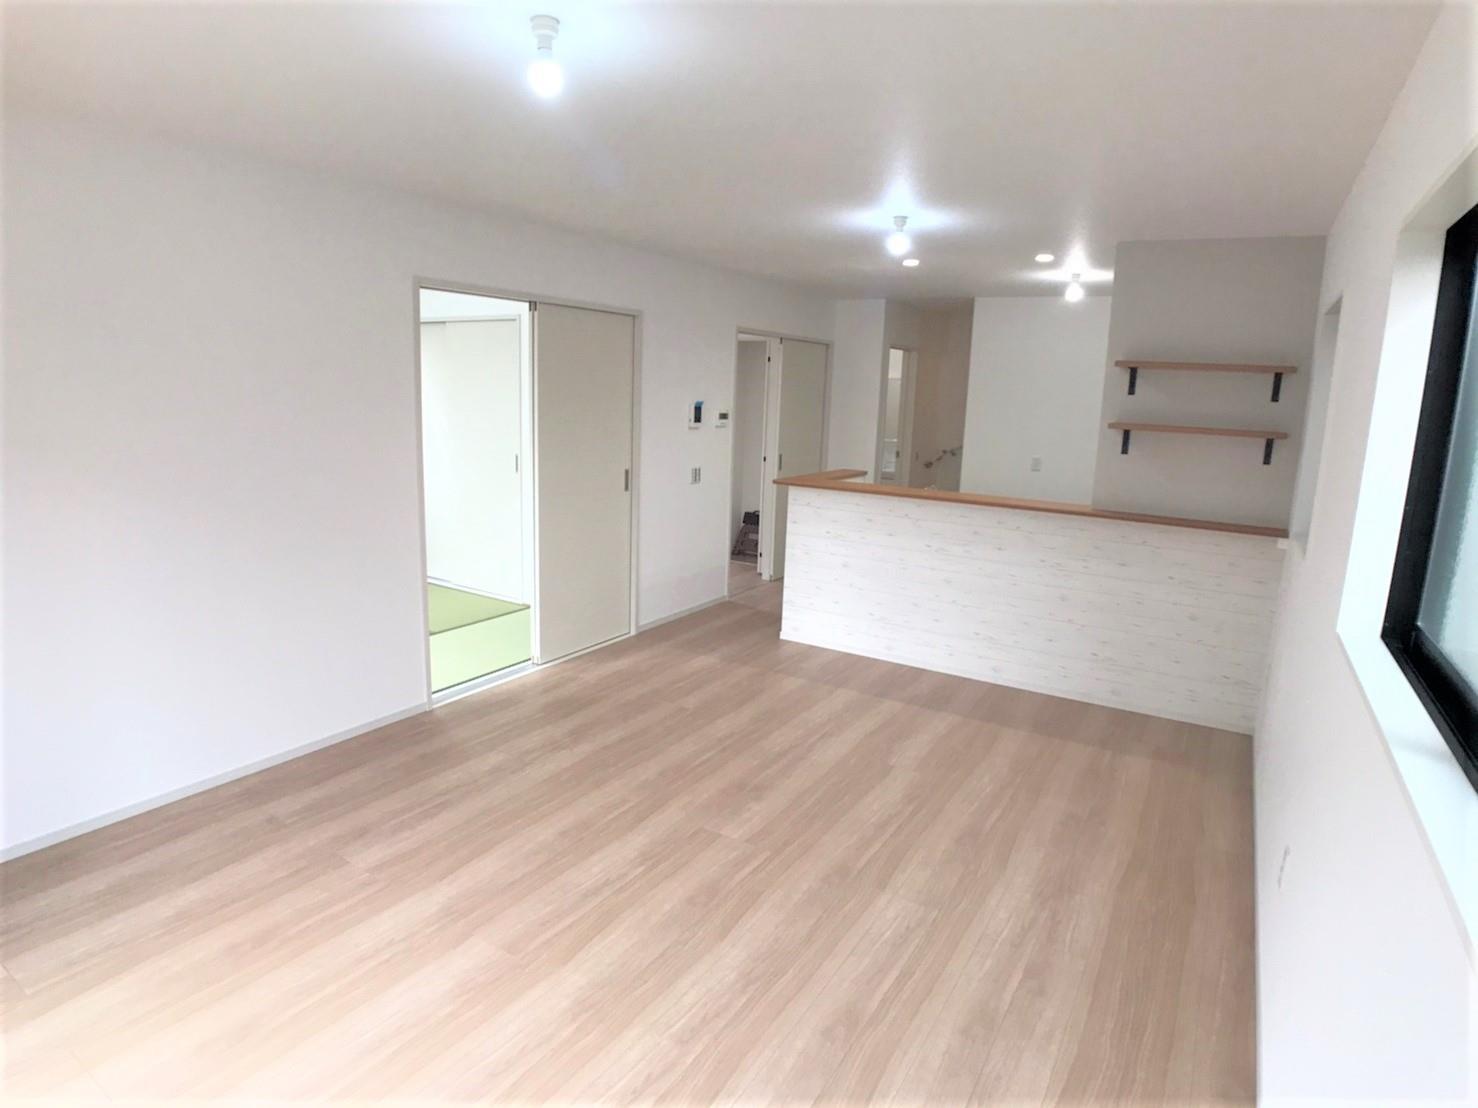 1号棟・リビング  ●キッチンからダイニング、リビング、和室と空間の繋がりを配慮した設計。いつでも家族の気配を感じることができ、コミュニケーションが増える間取りです♪